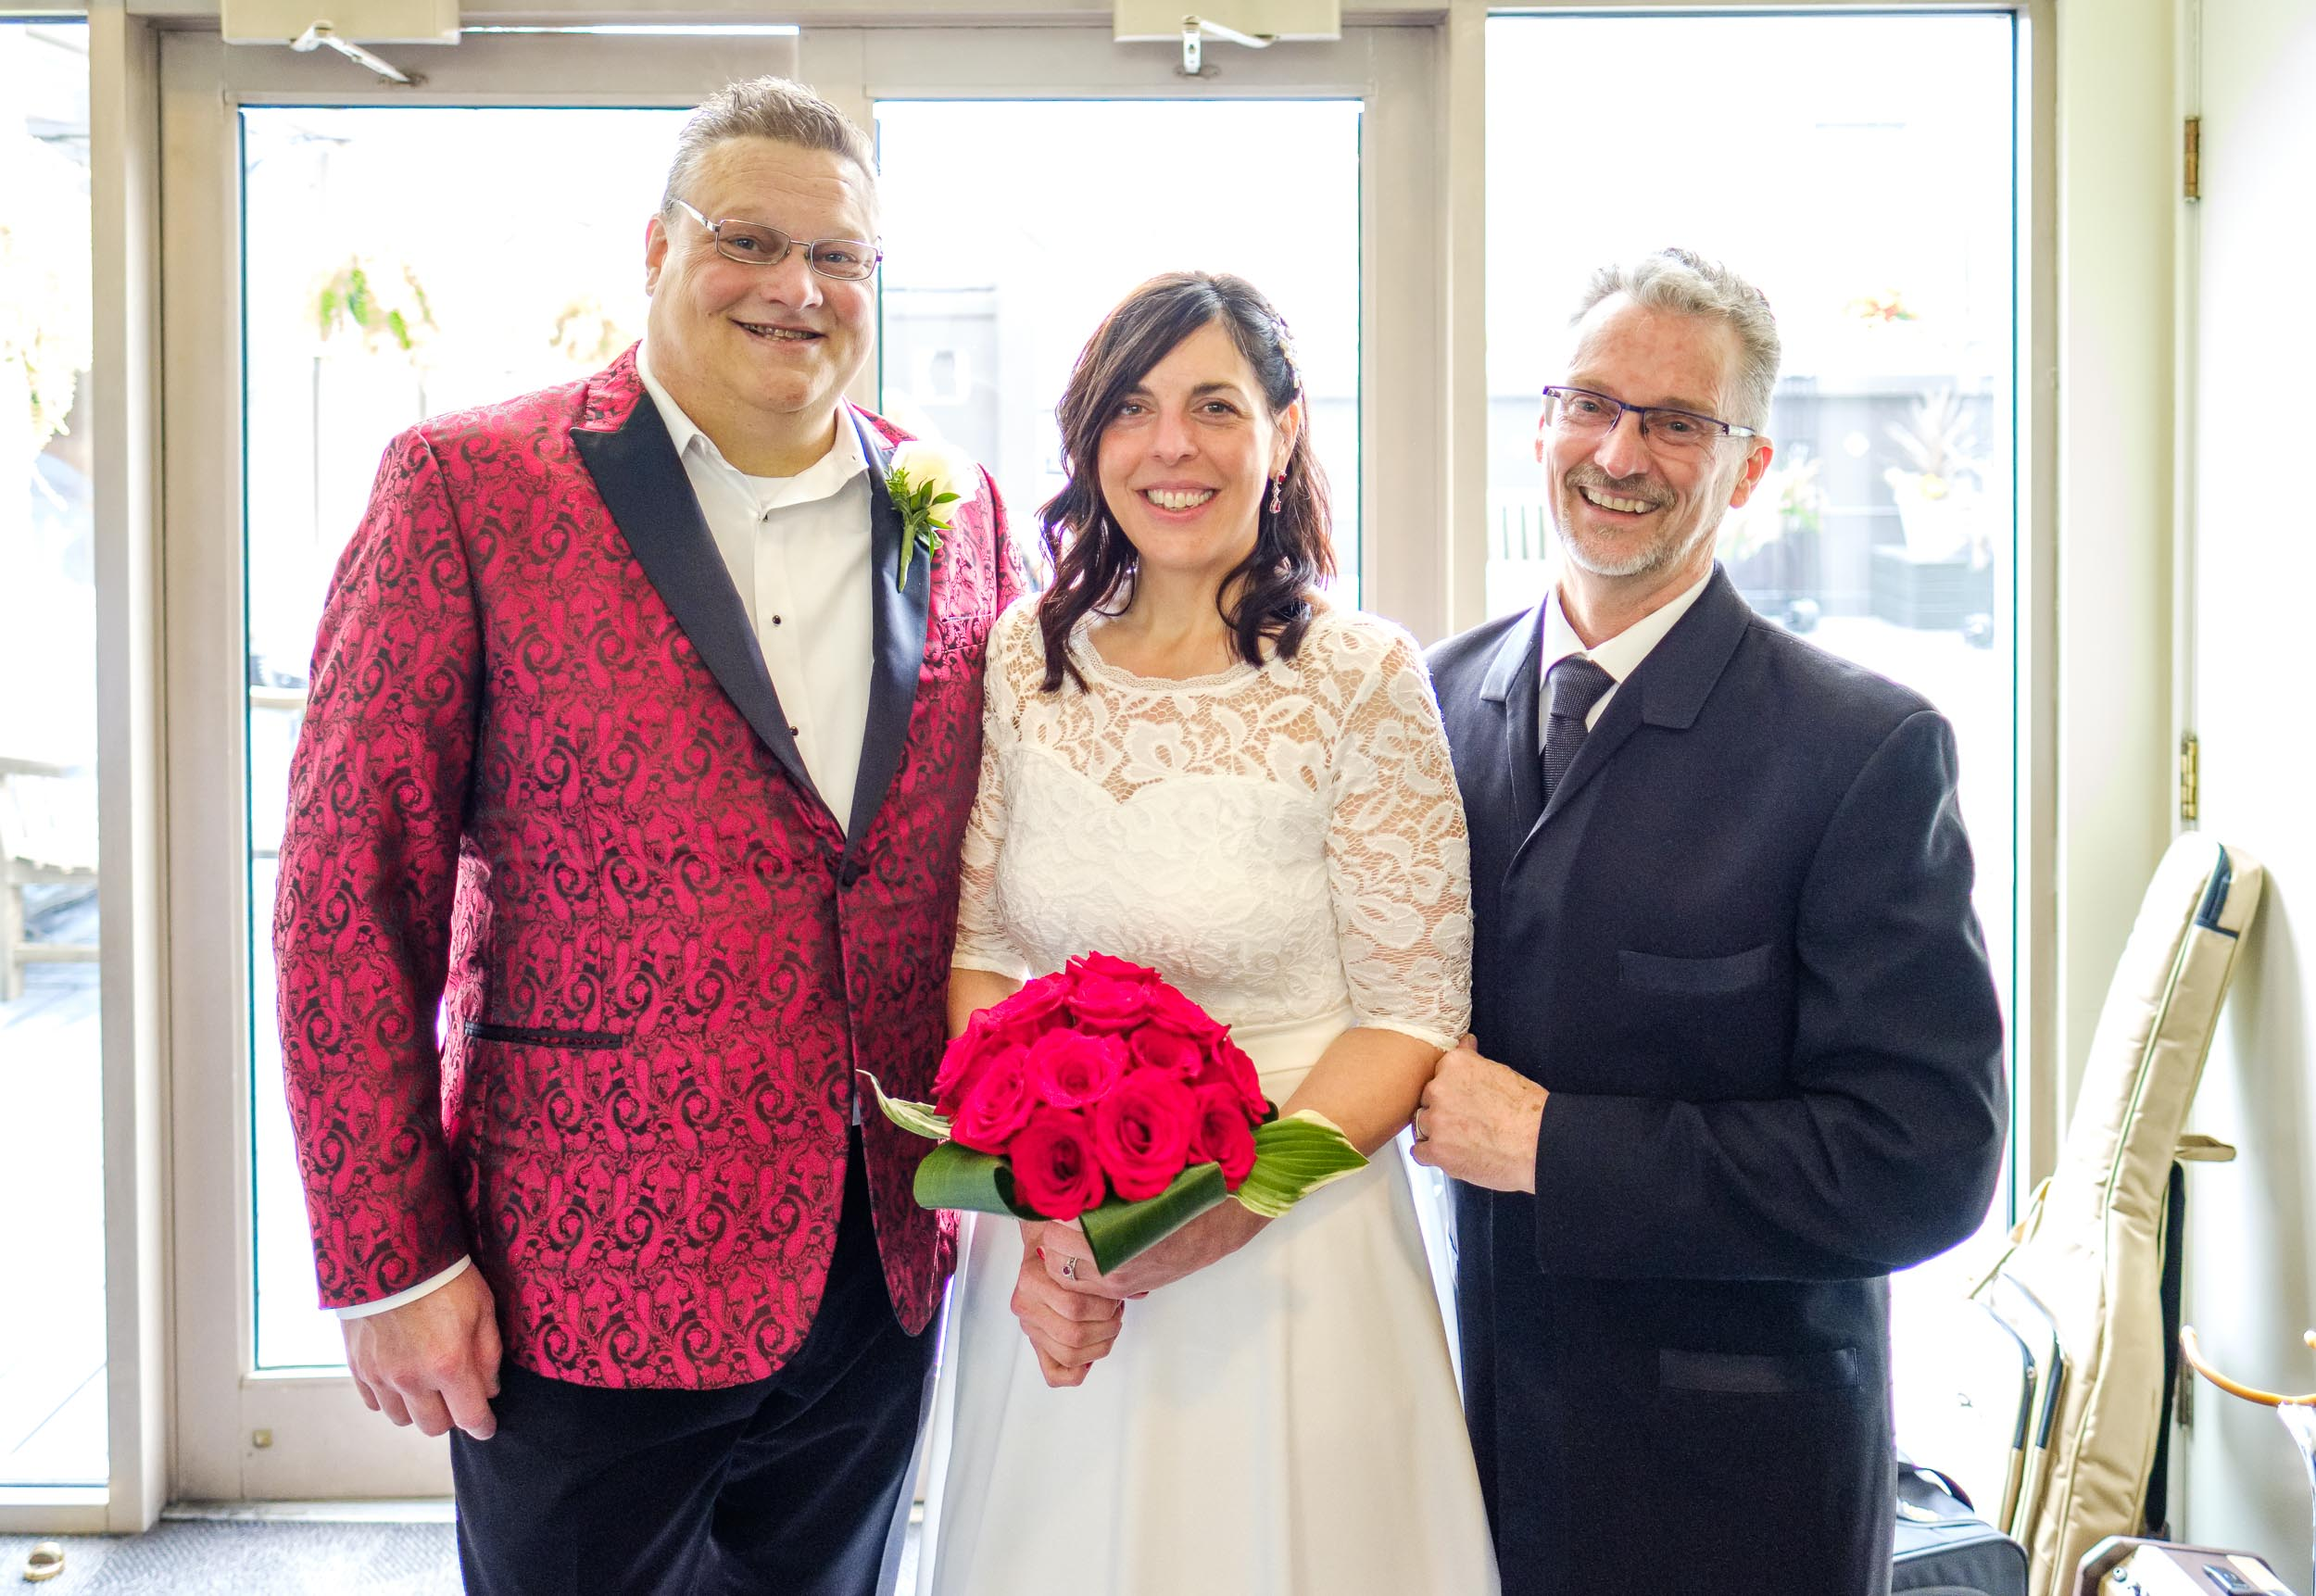 schmidt_wedding-778.jpg